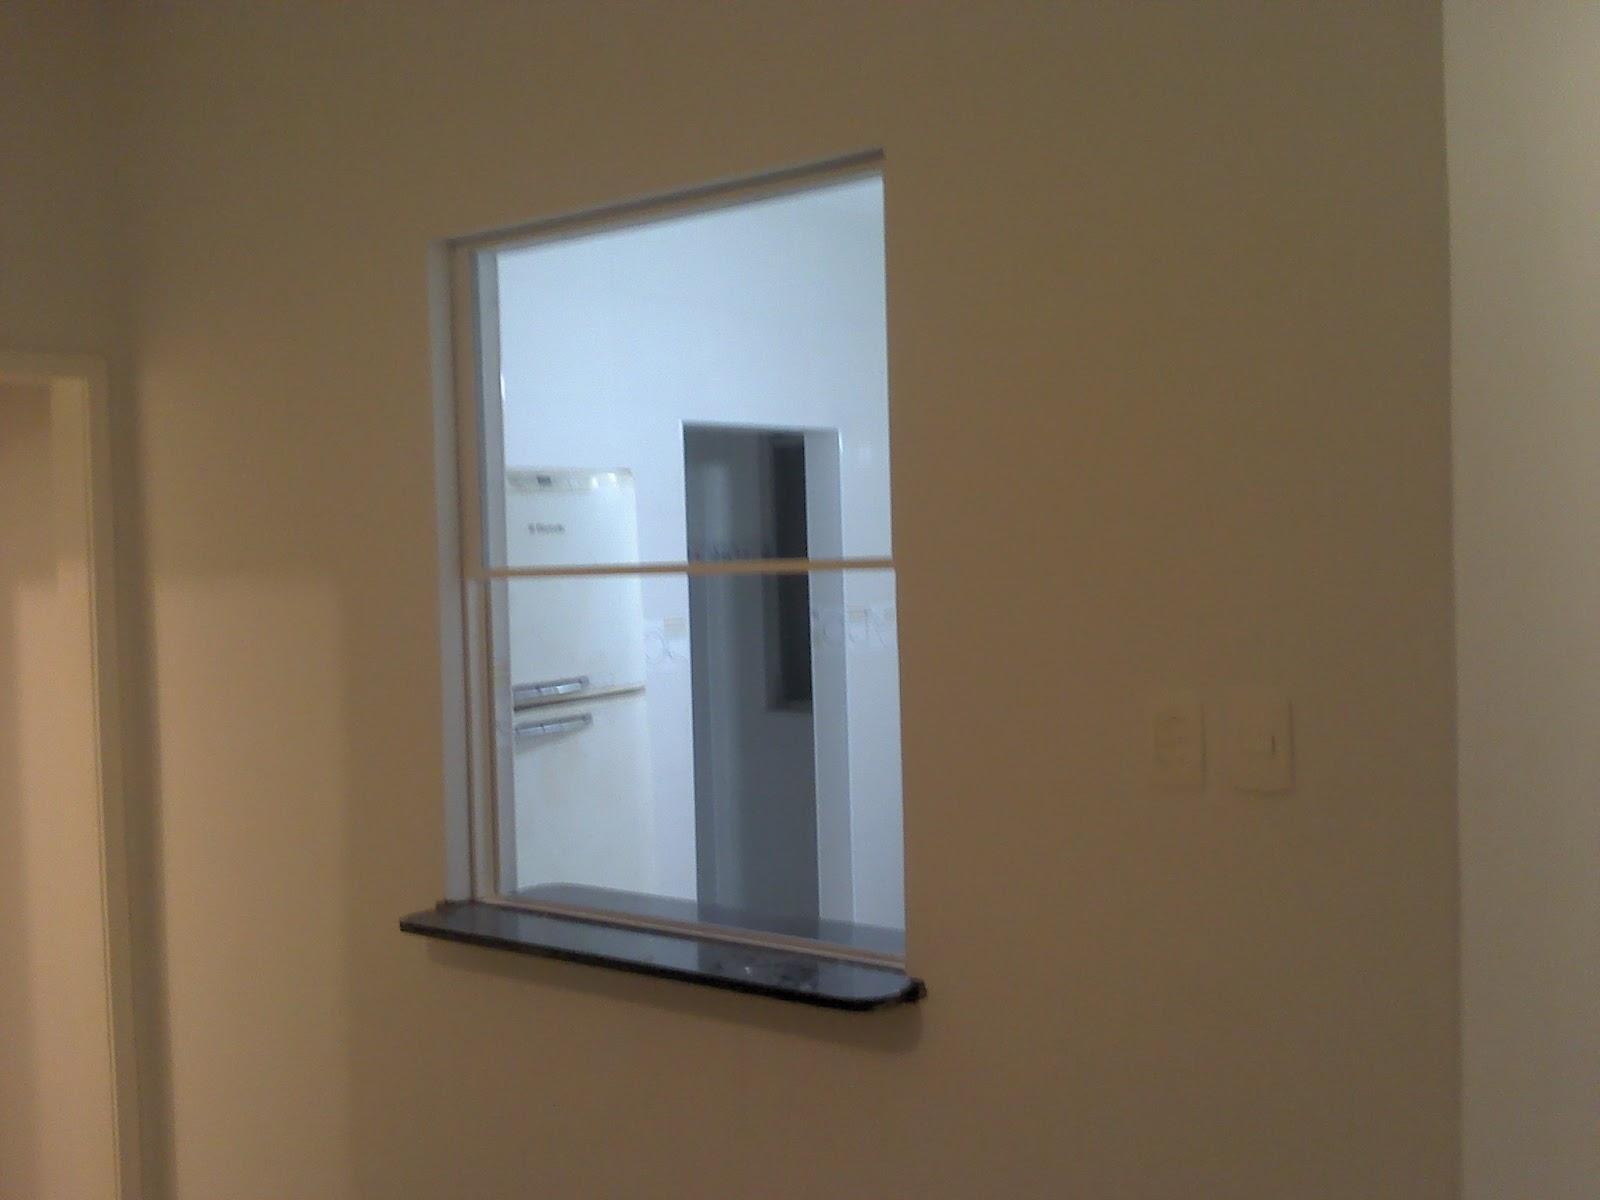 #356996  de desmontagem e pintura da janela ( relembre como ele pintou a janela 1362 Preços De Janelas De Aluminio Leroy Merlin